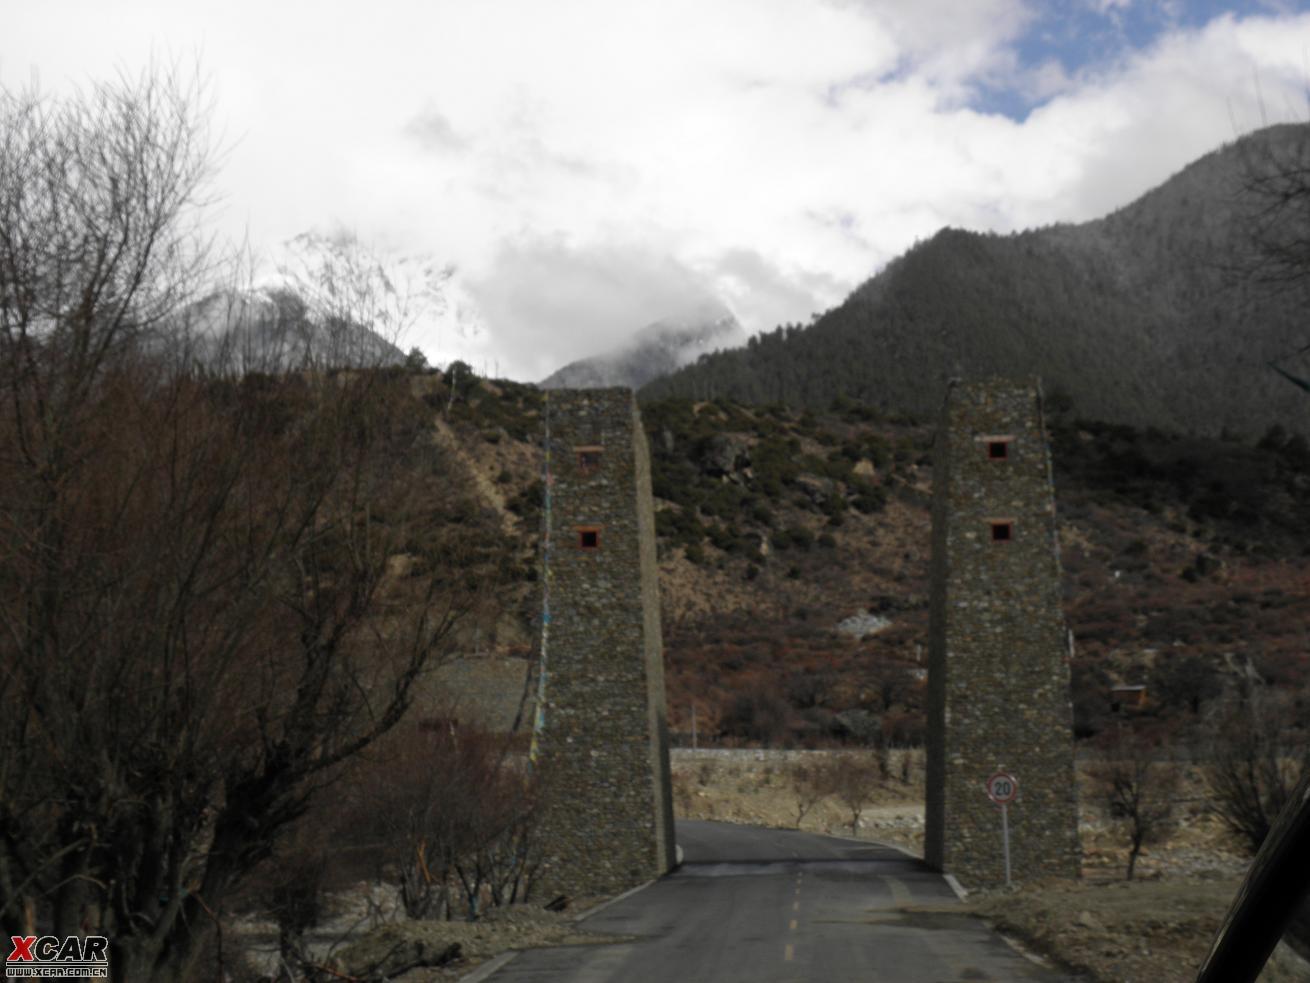 房子外形和藏族的很象, 只是他们的是全木结构的, 而藏族的房子是石木